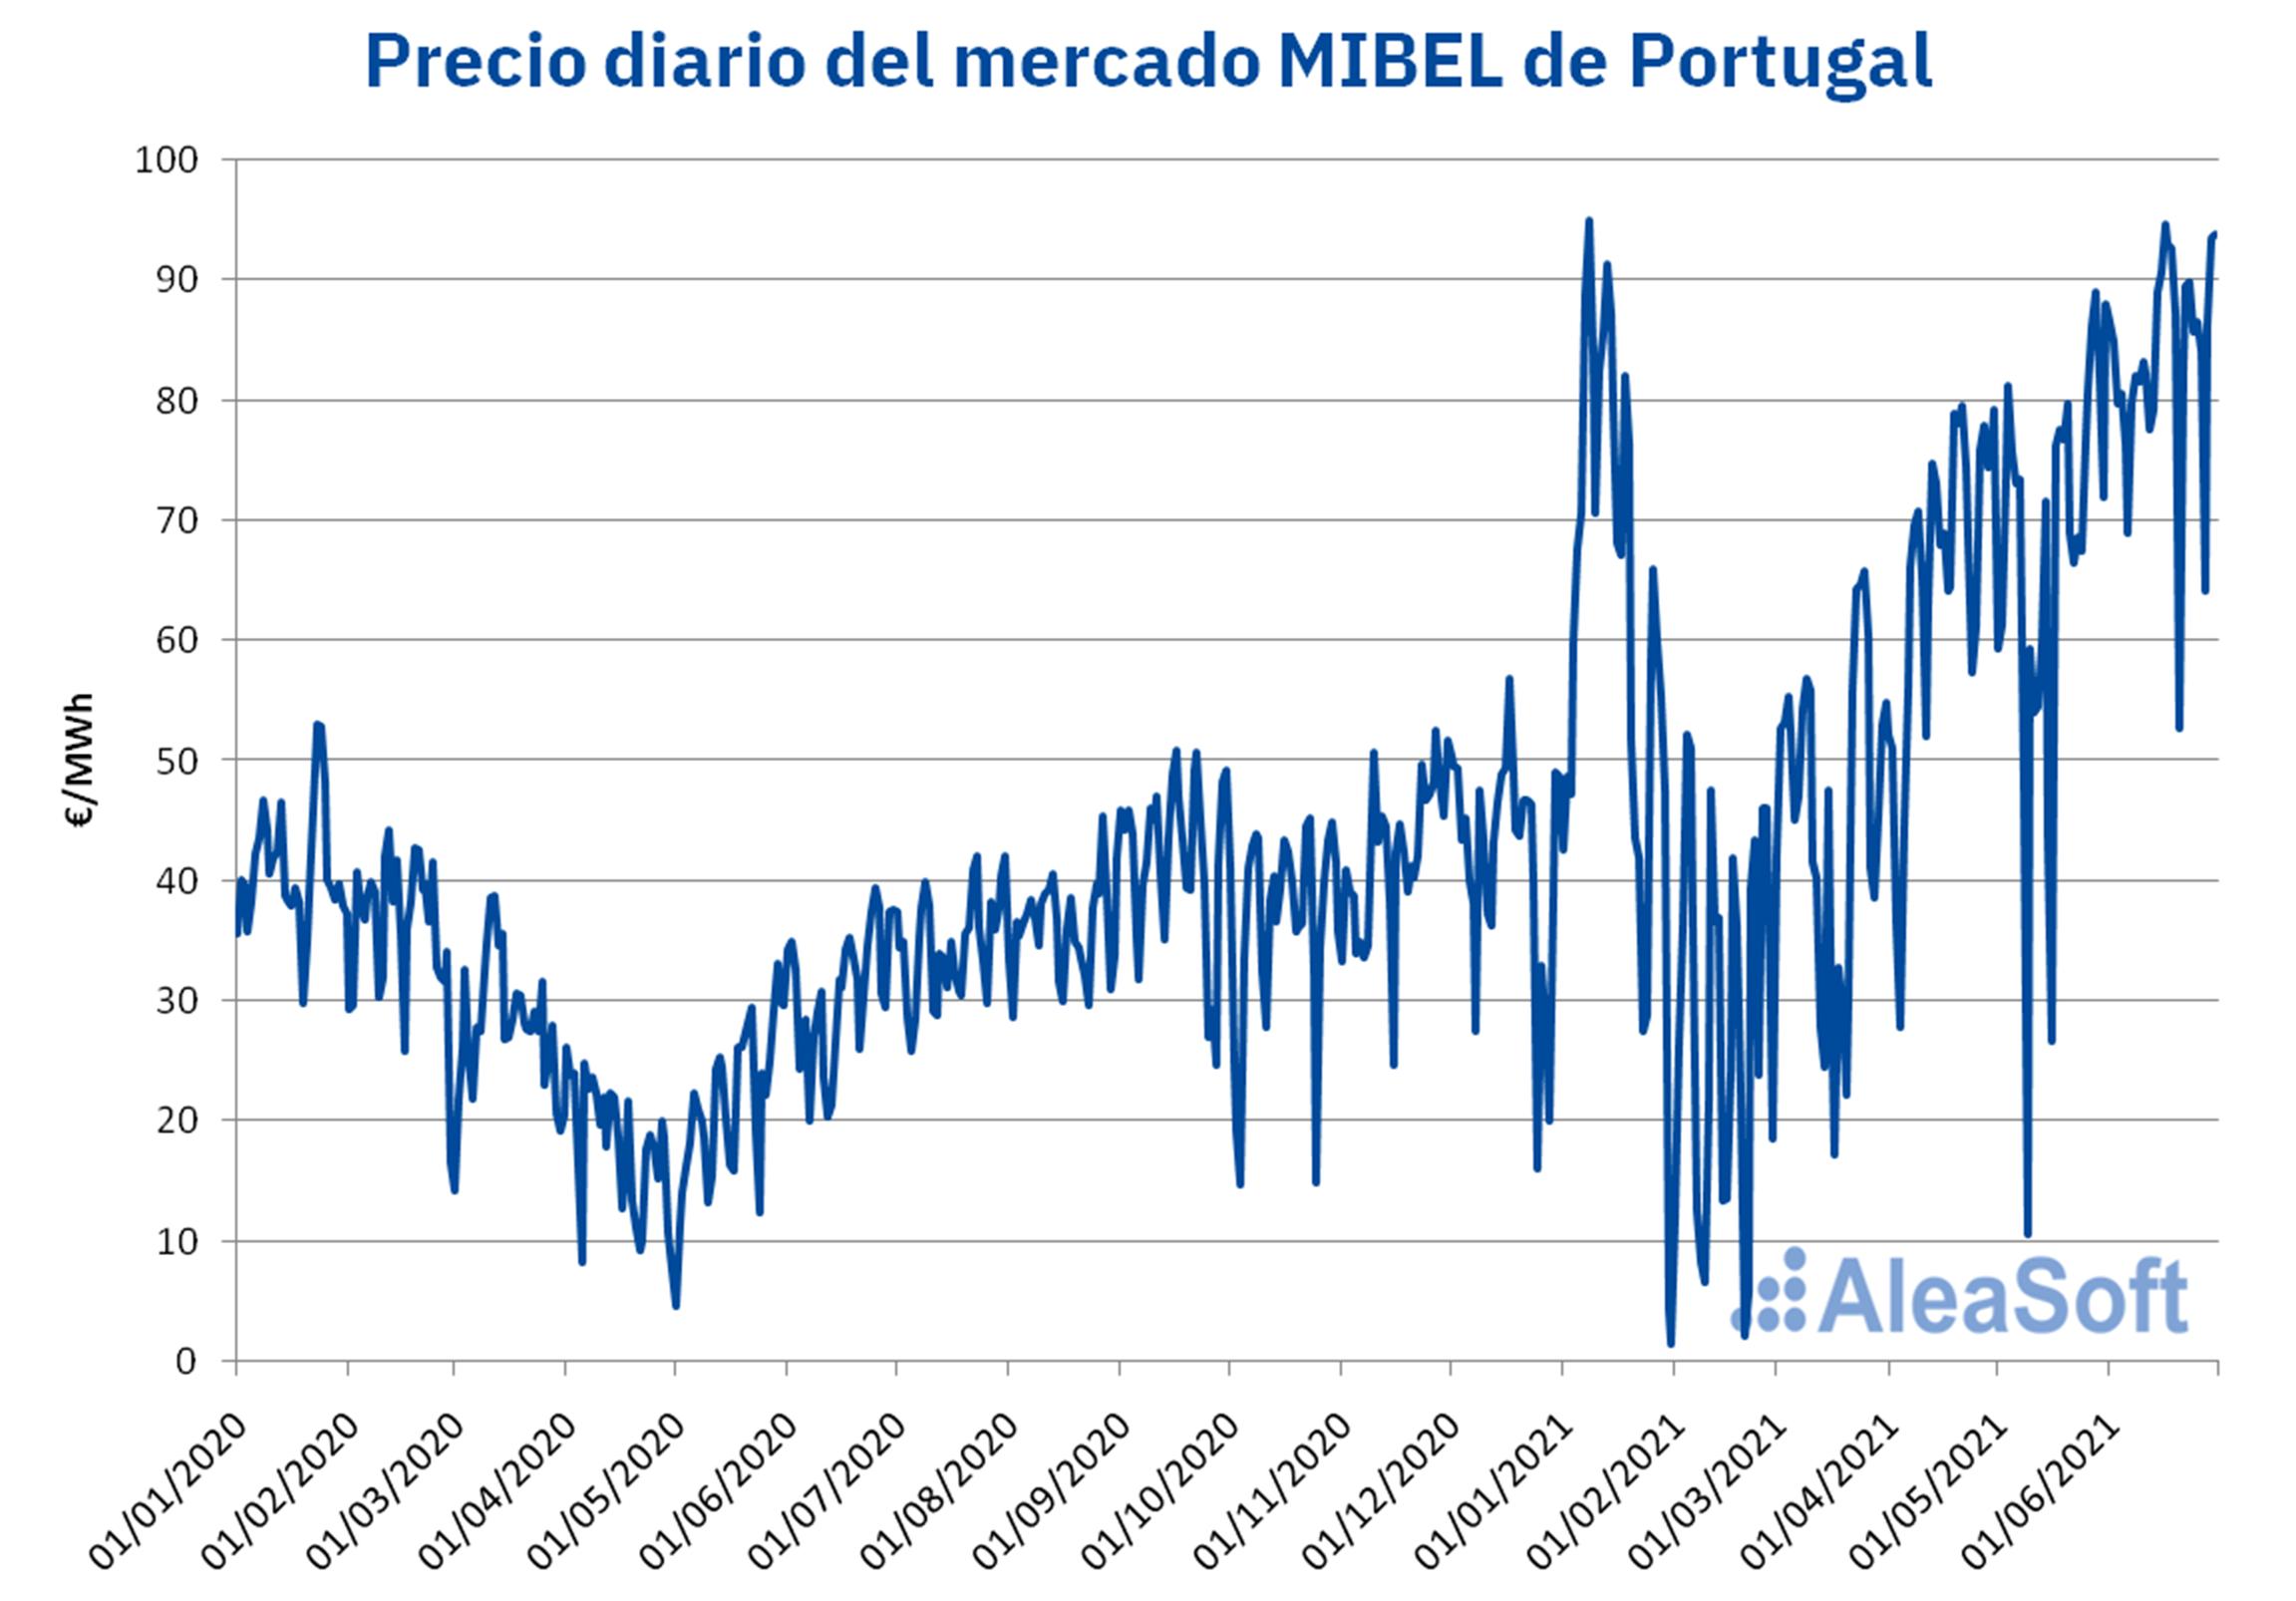 AleaSoft - precio diario mercado mibel portugal